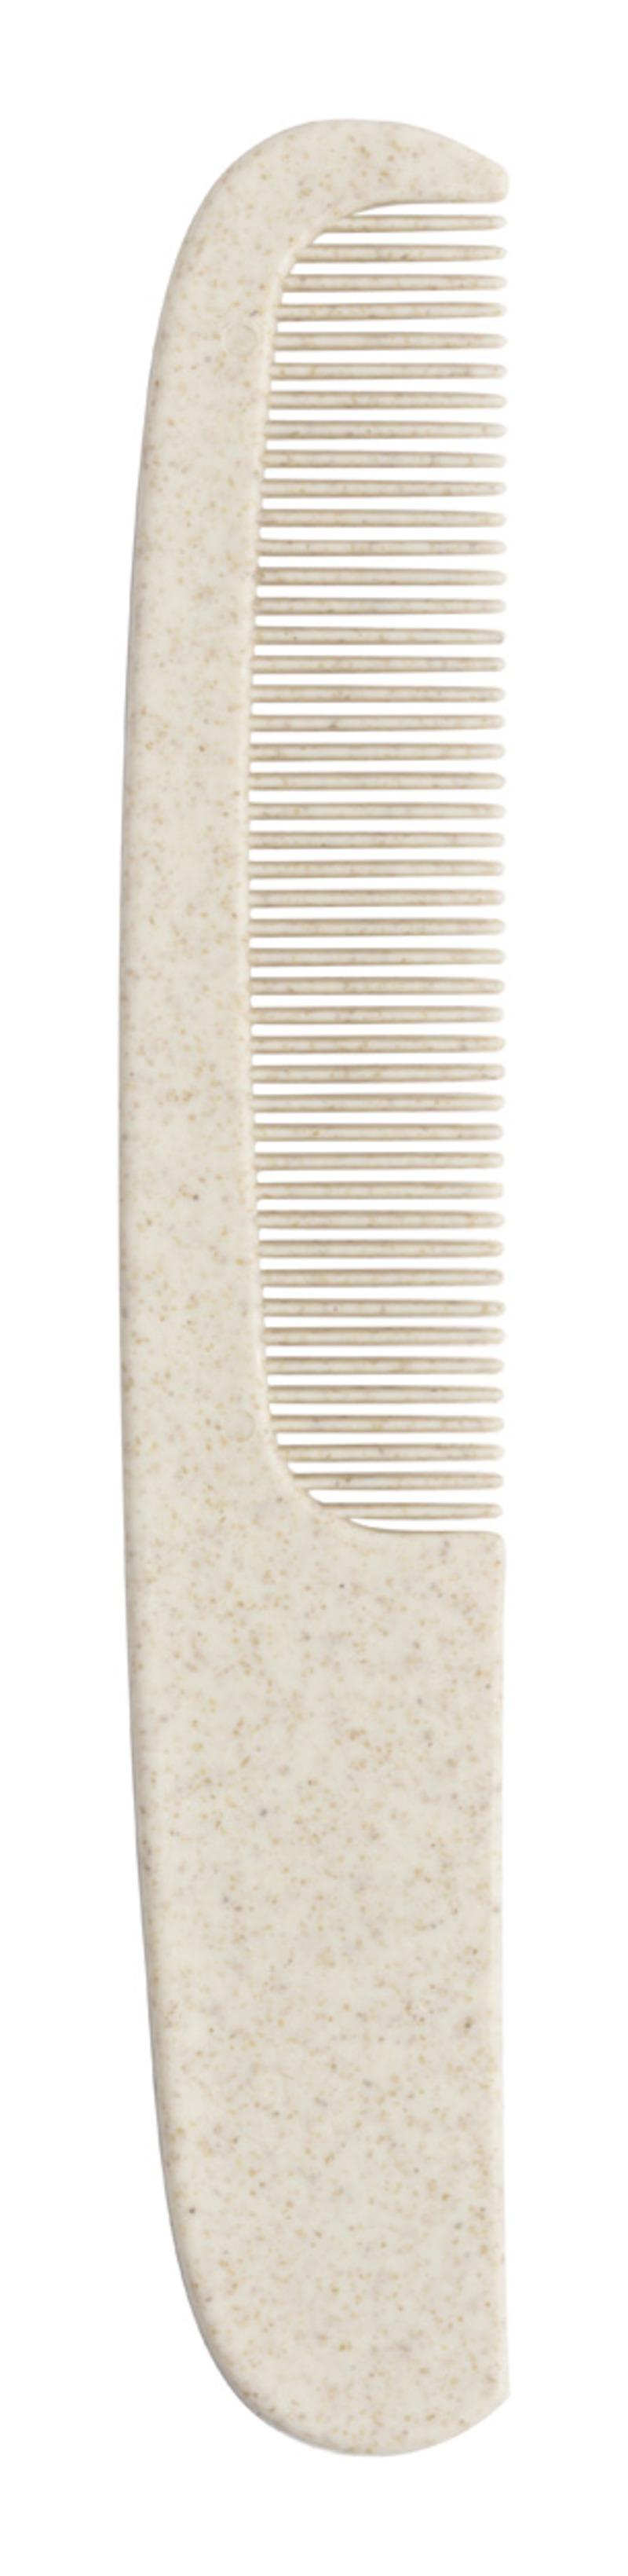 Wofel comb